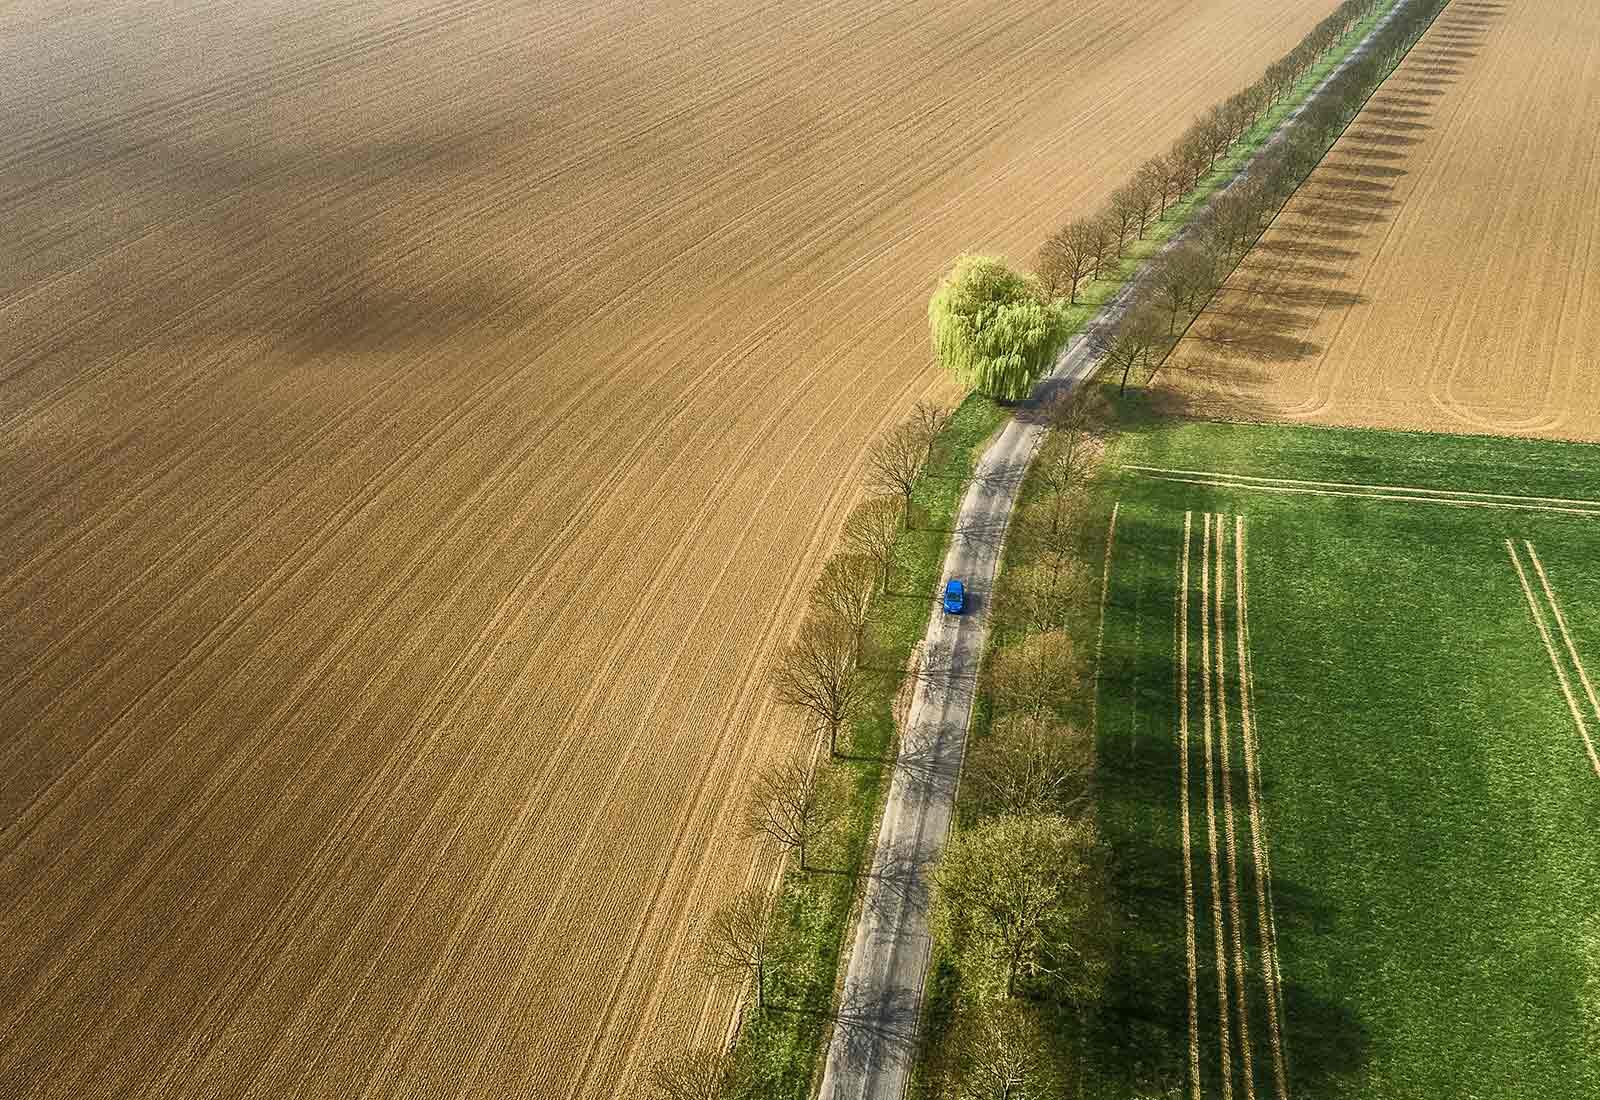 heysky Drohnen-Luftaufnahmen mit Drohnen Drohnenfotos Strasse bei Siegburg